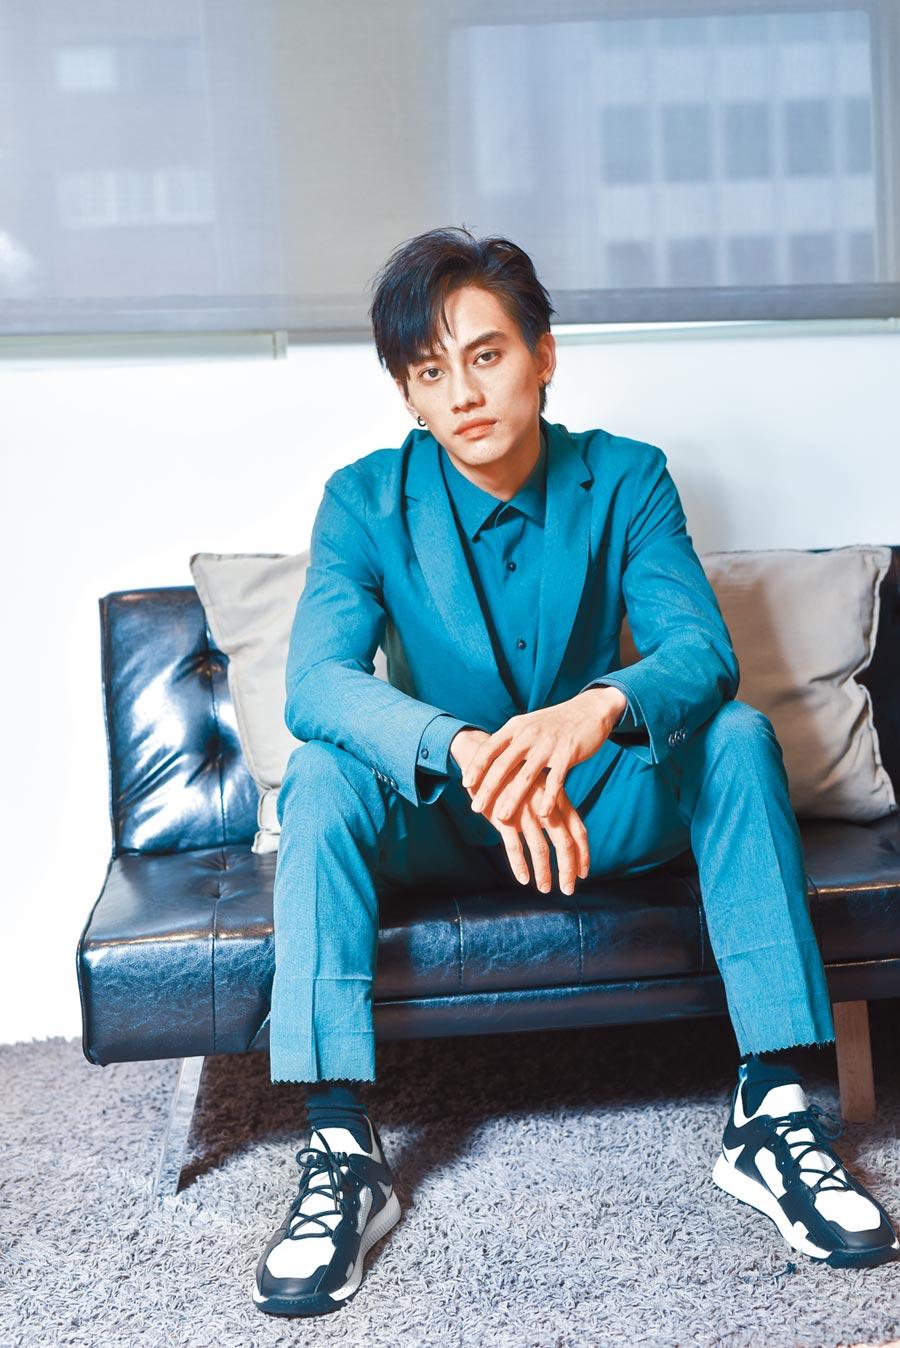 范少勳去年拿下金馬獎最佳新演員,今年晉升挑戰拚台北電影獎影帝。(盧禕祺攝/品牌協力BOSS)